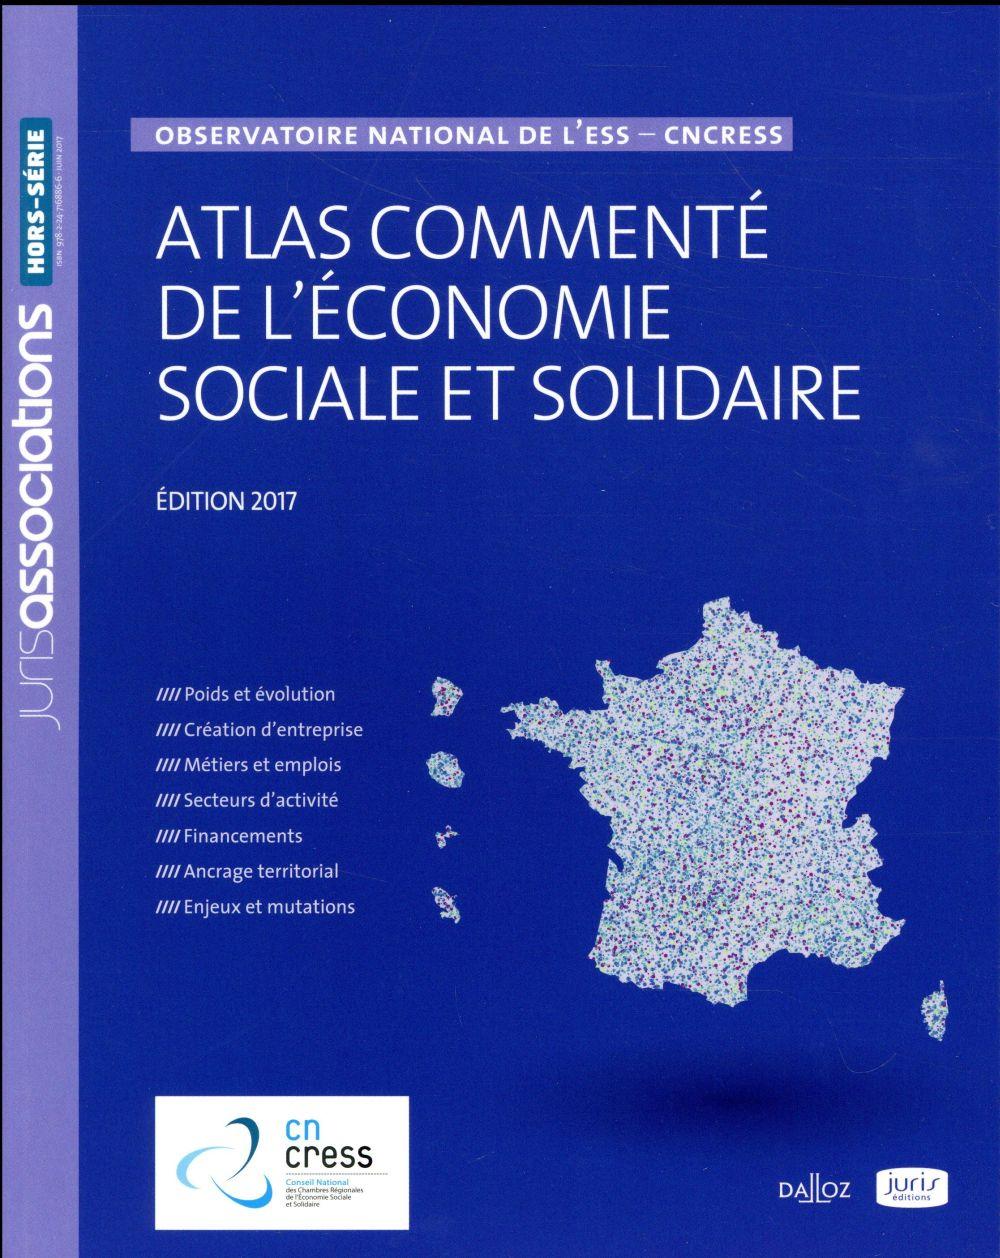 Atlas commenté de l'économie sociale et solidaire ; observatoire national de l'ESS - CnCress - 3